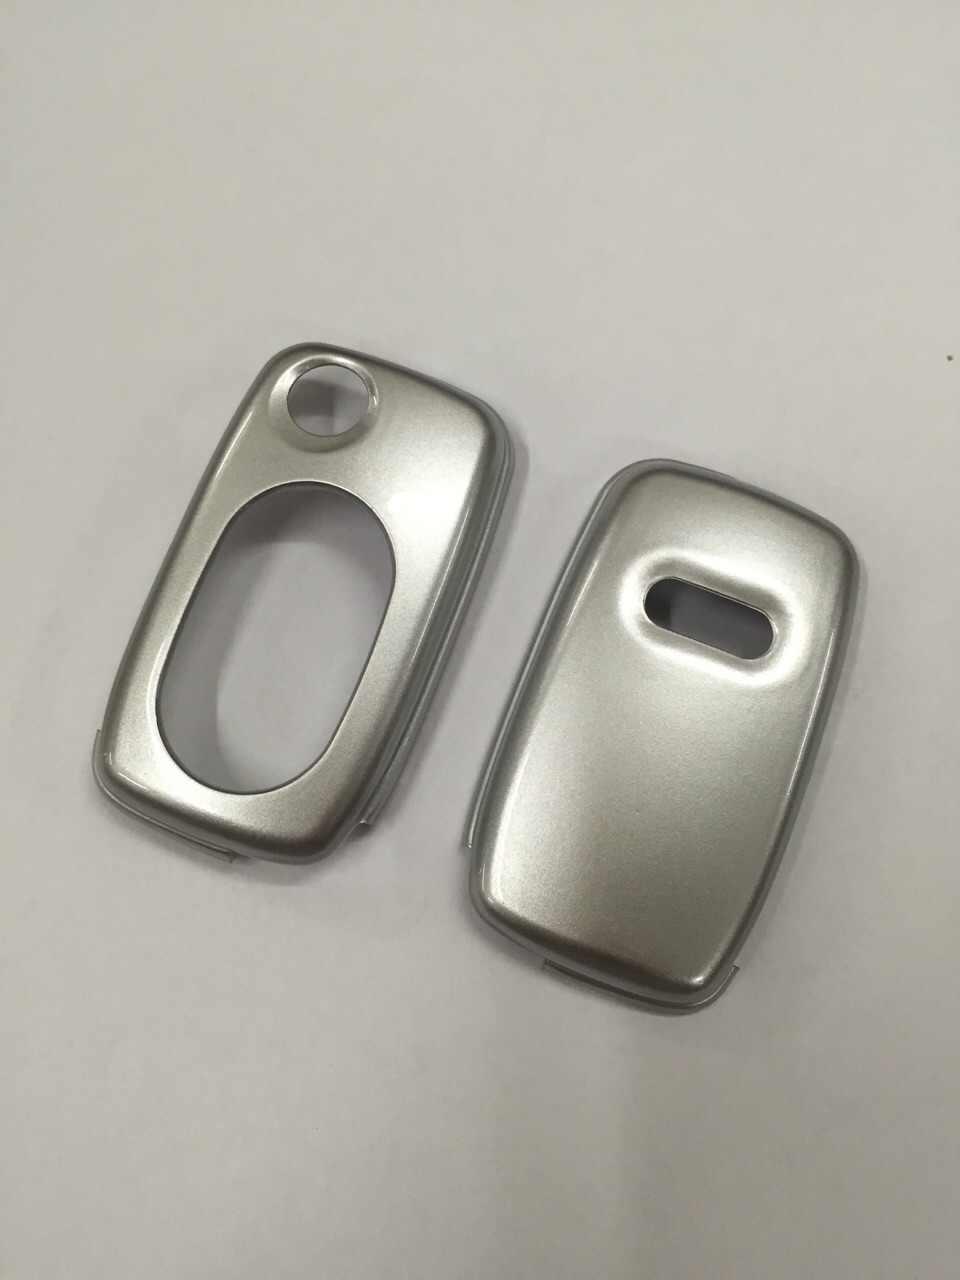 Parlak Gümüş Renk Flip Anahtar Uzaktan Anahtar Koruma Kılıfı Audi A3 8L A4 B5 B6 TT MK1 A6 C5